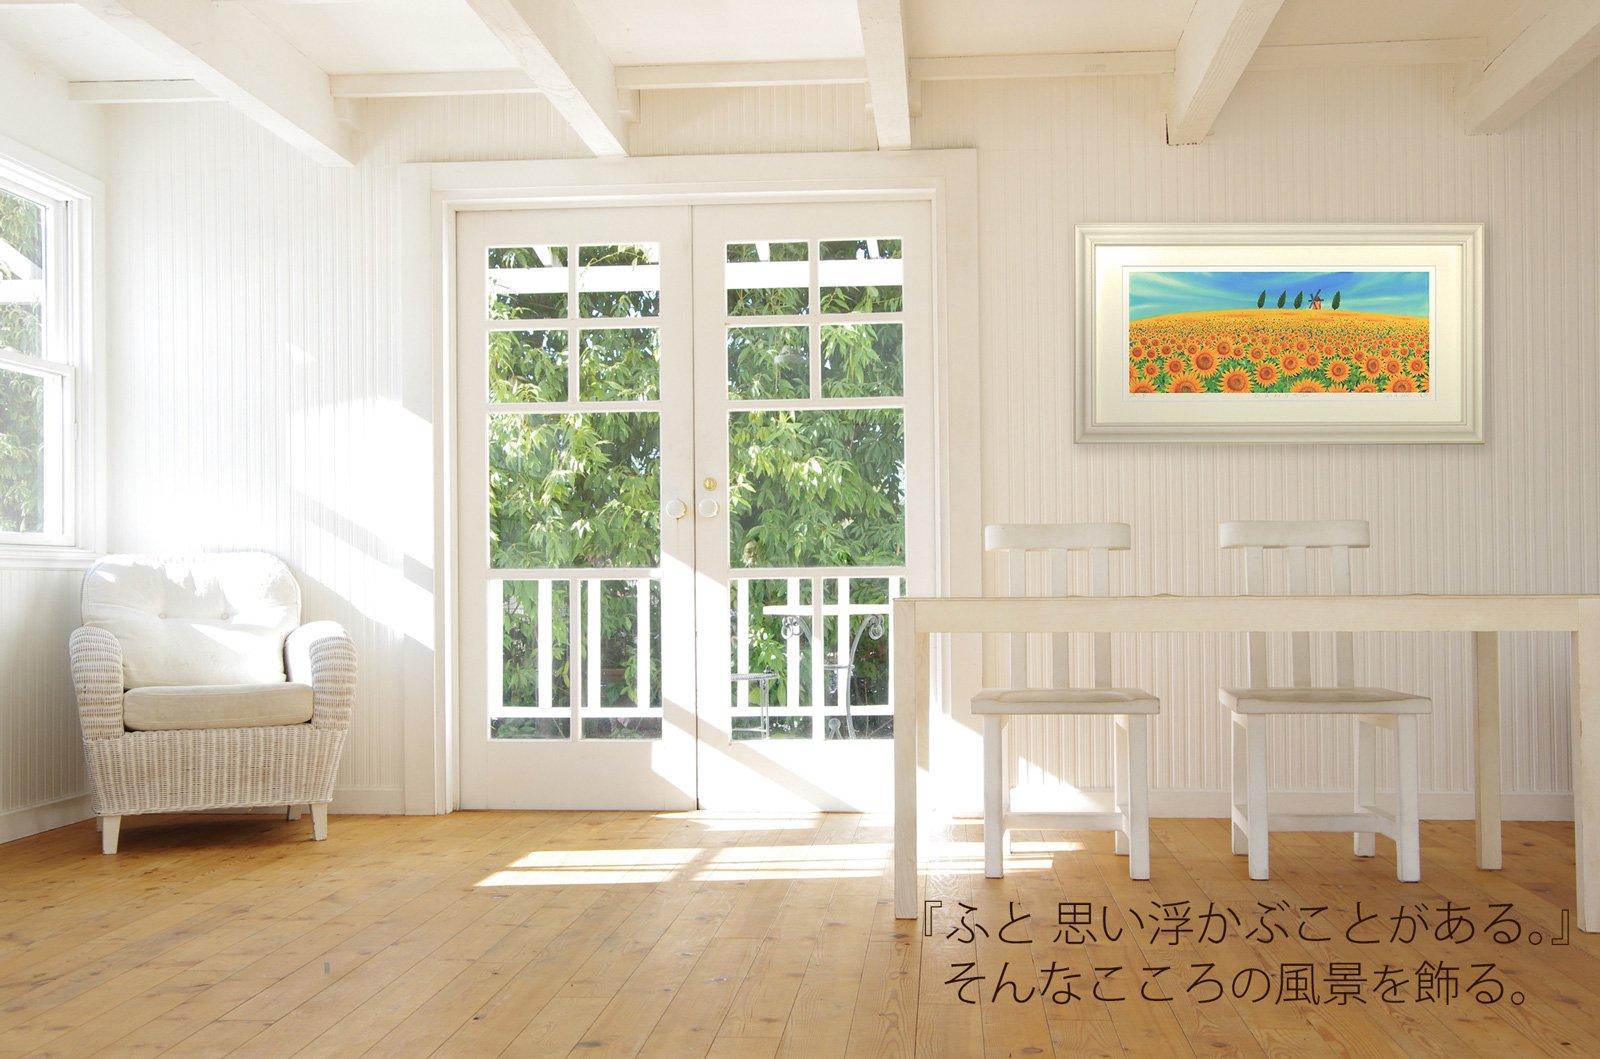 《絵画 水彩画》秋の花かご〔栗乃木ハルミ くりのきはるみ 〕